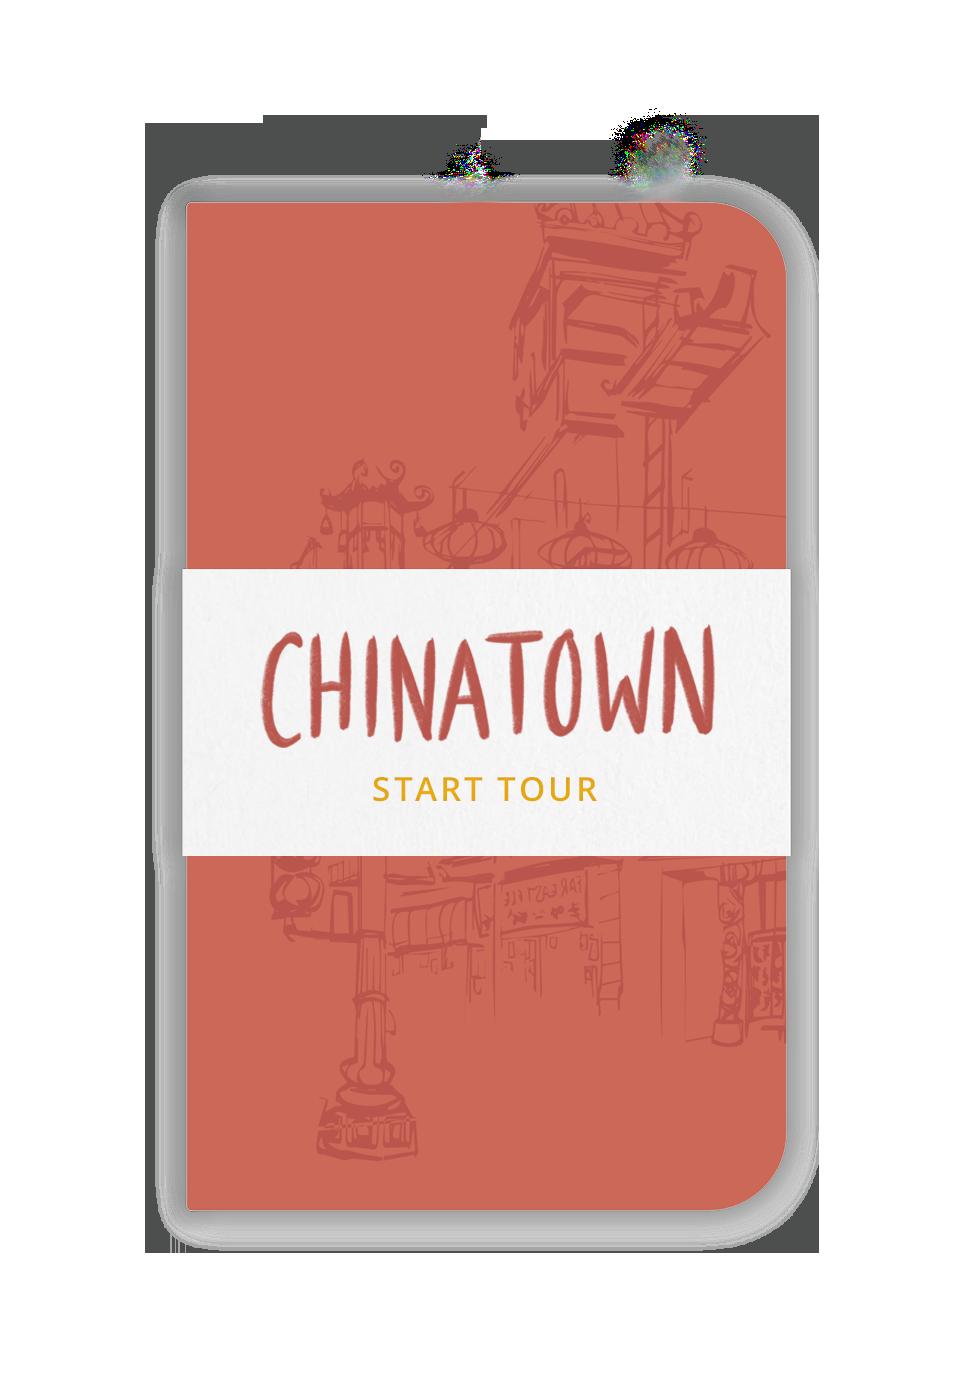 Chinatown new York City Walking Tour